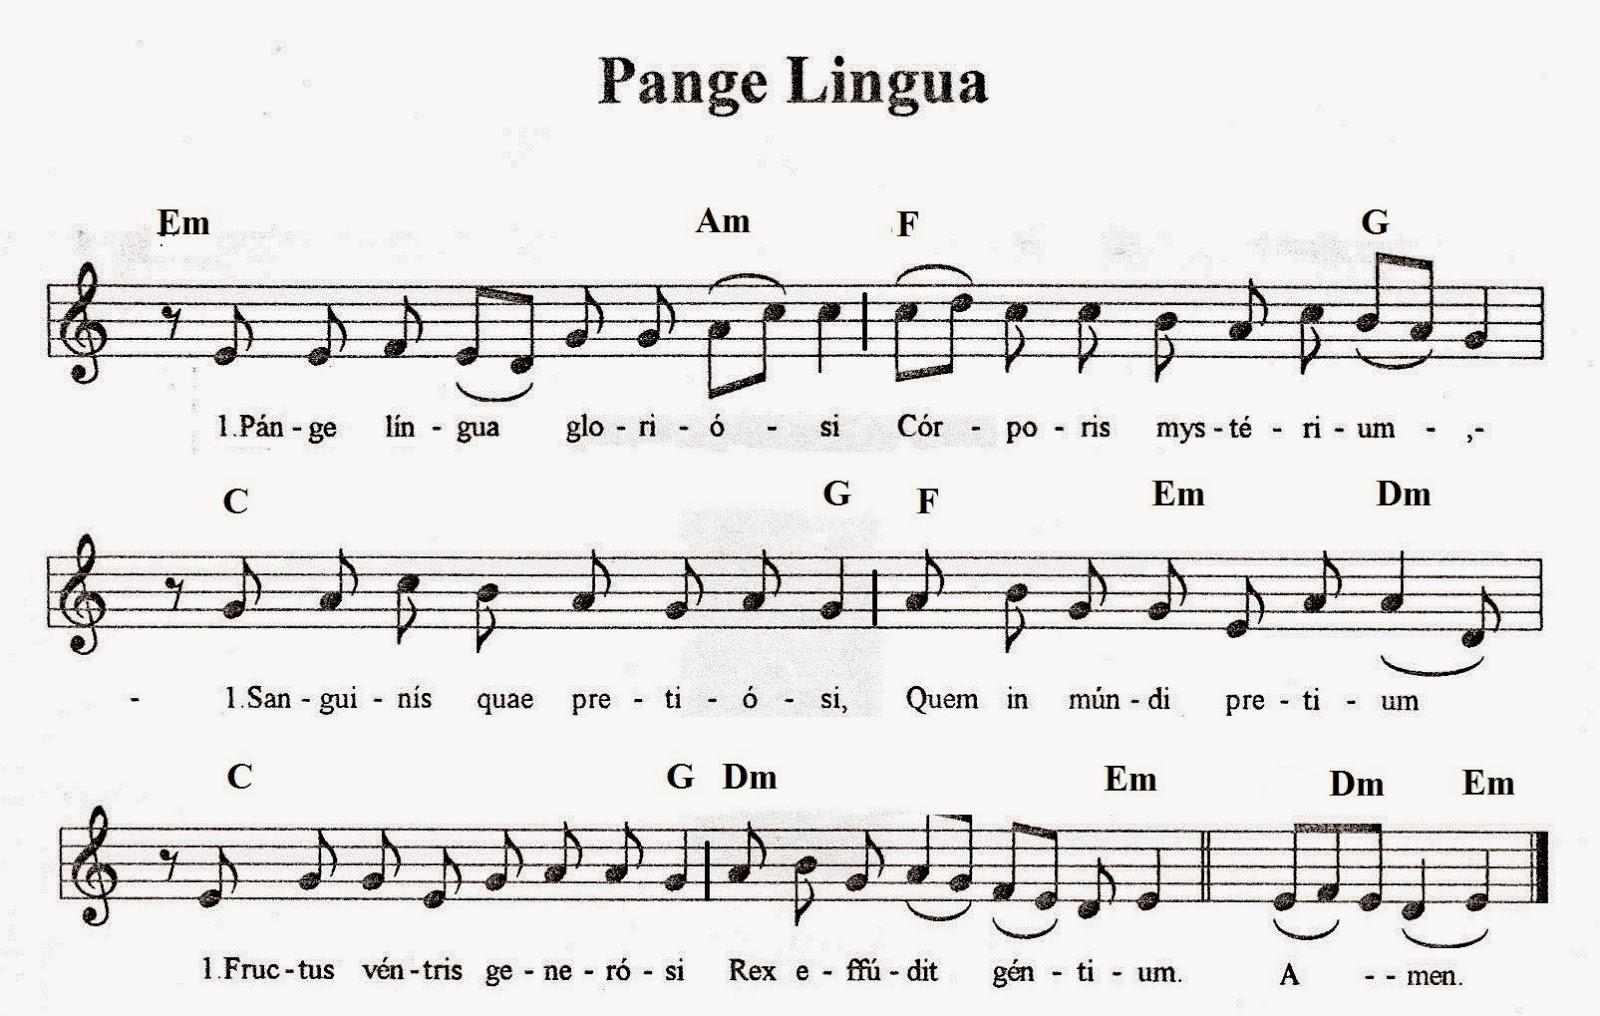 PangeLingua